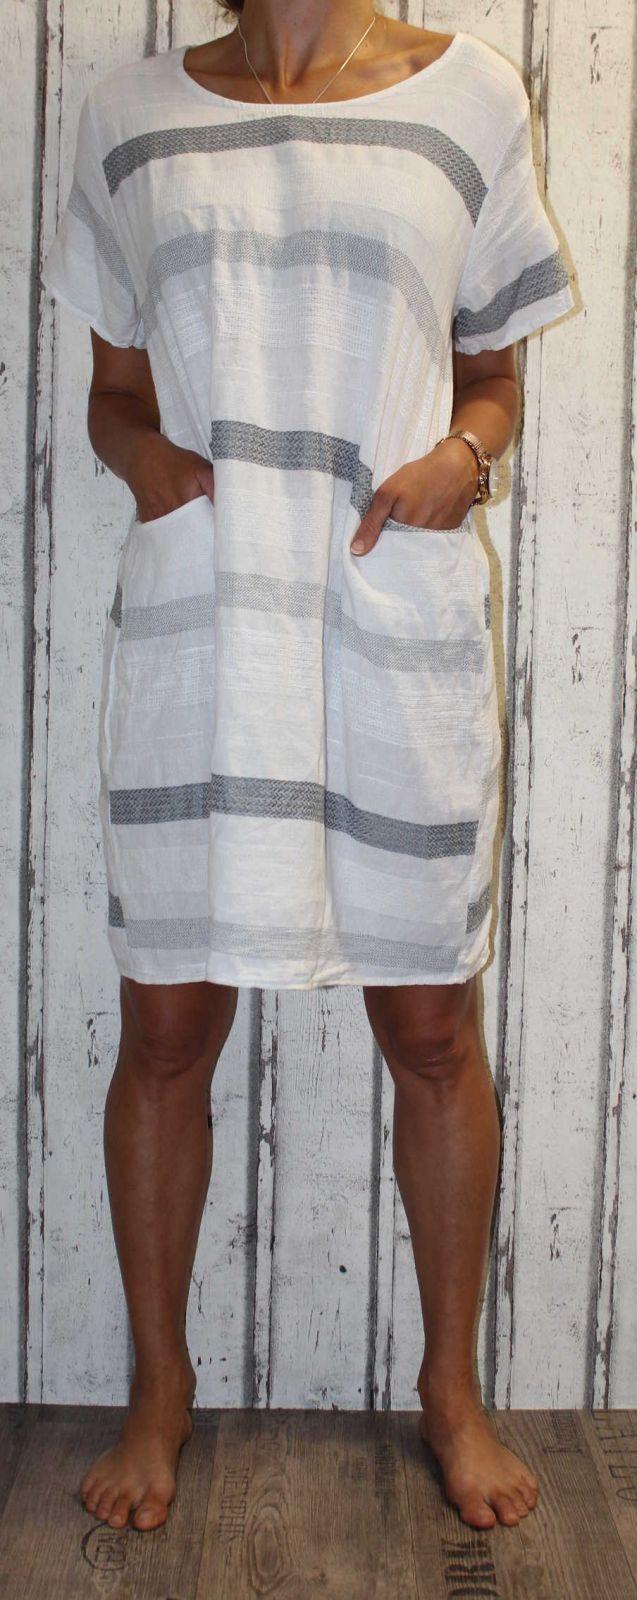 Dámské šaty, plážové šaty, pohodlné šaty, pruhované šaty